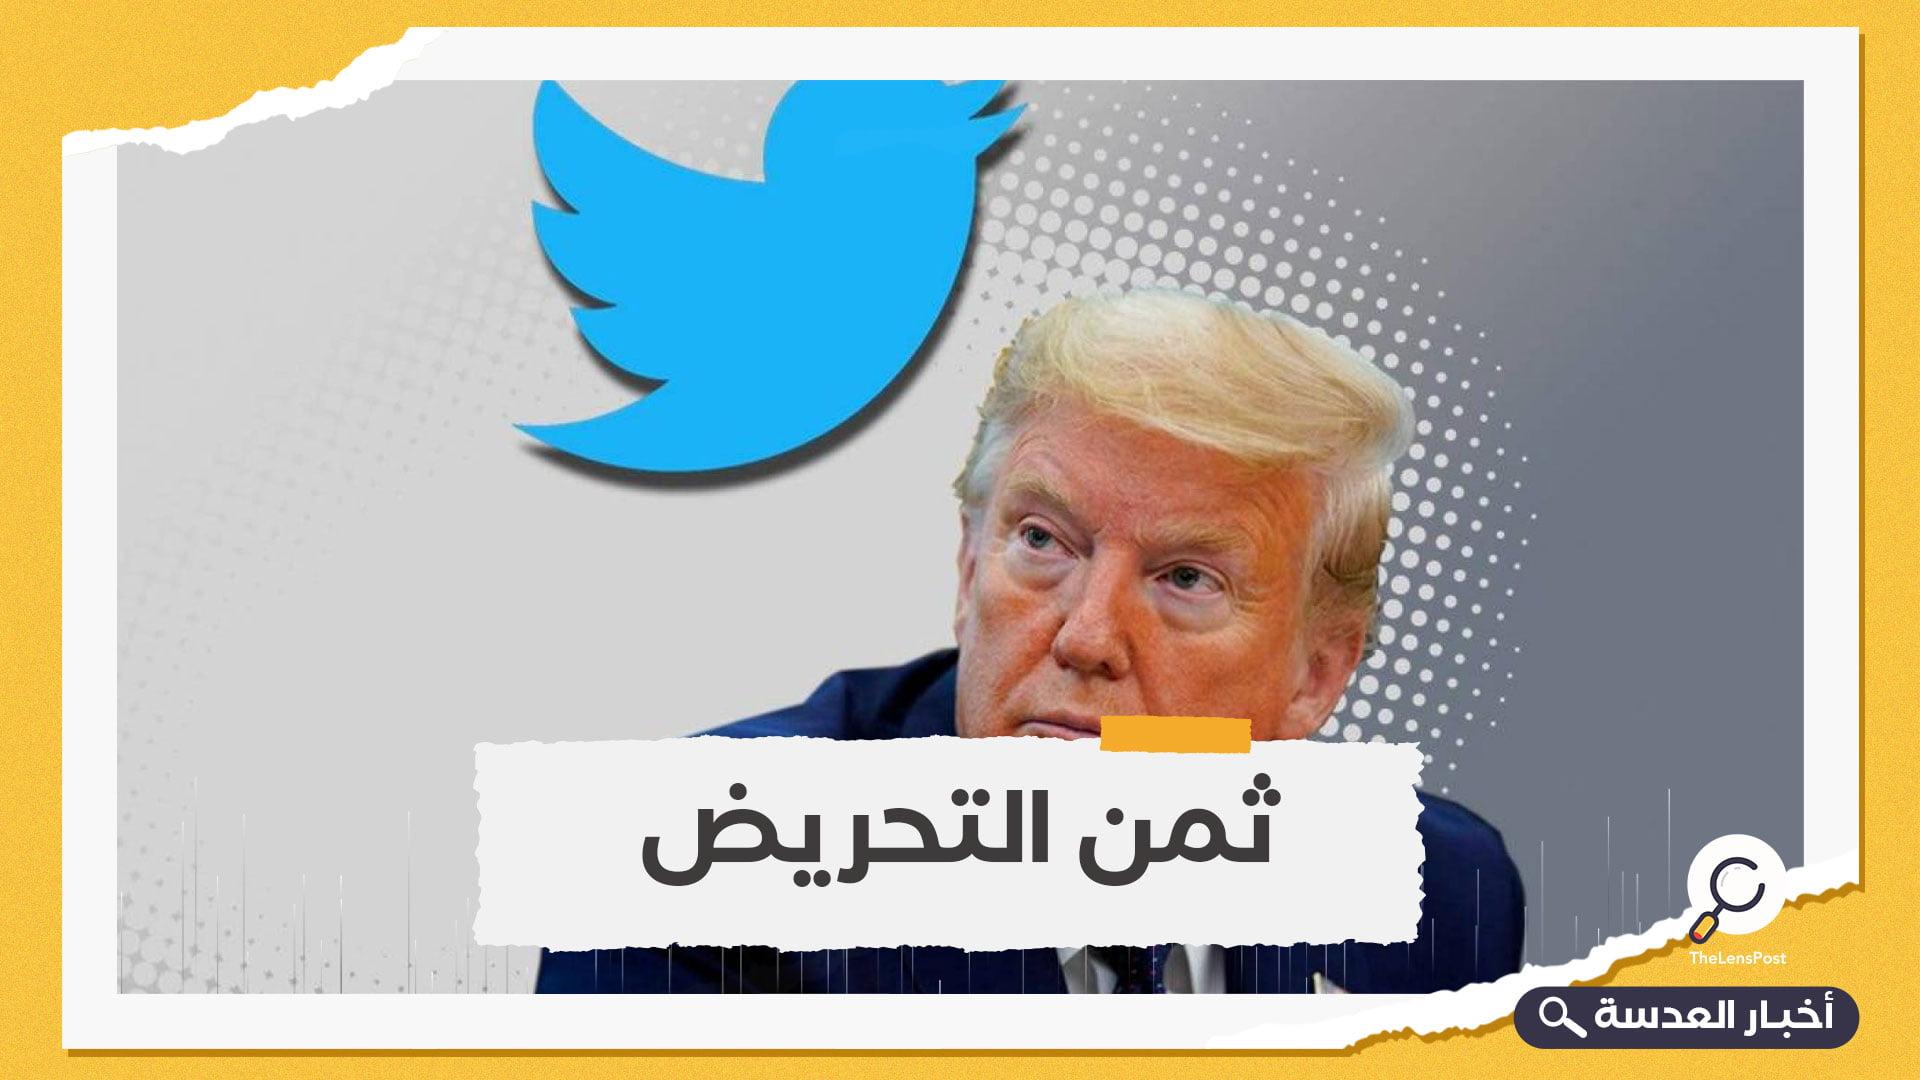 الرئيس المنبوذ.. تويتر يغلق حساب ترامب نهائيا بسبب تحريضه على العنف